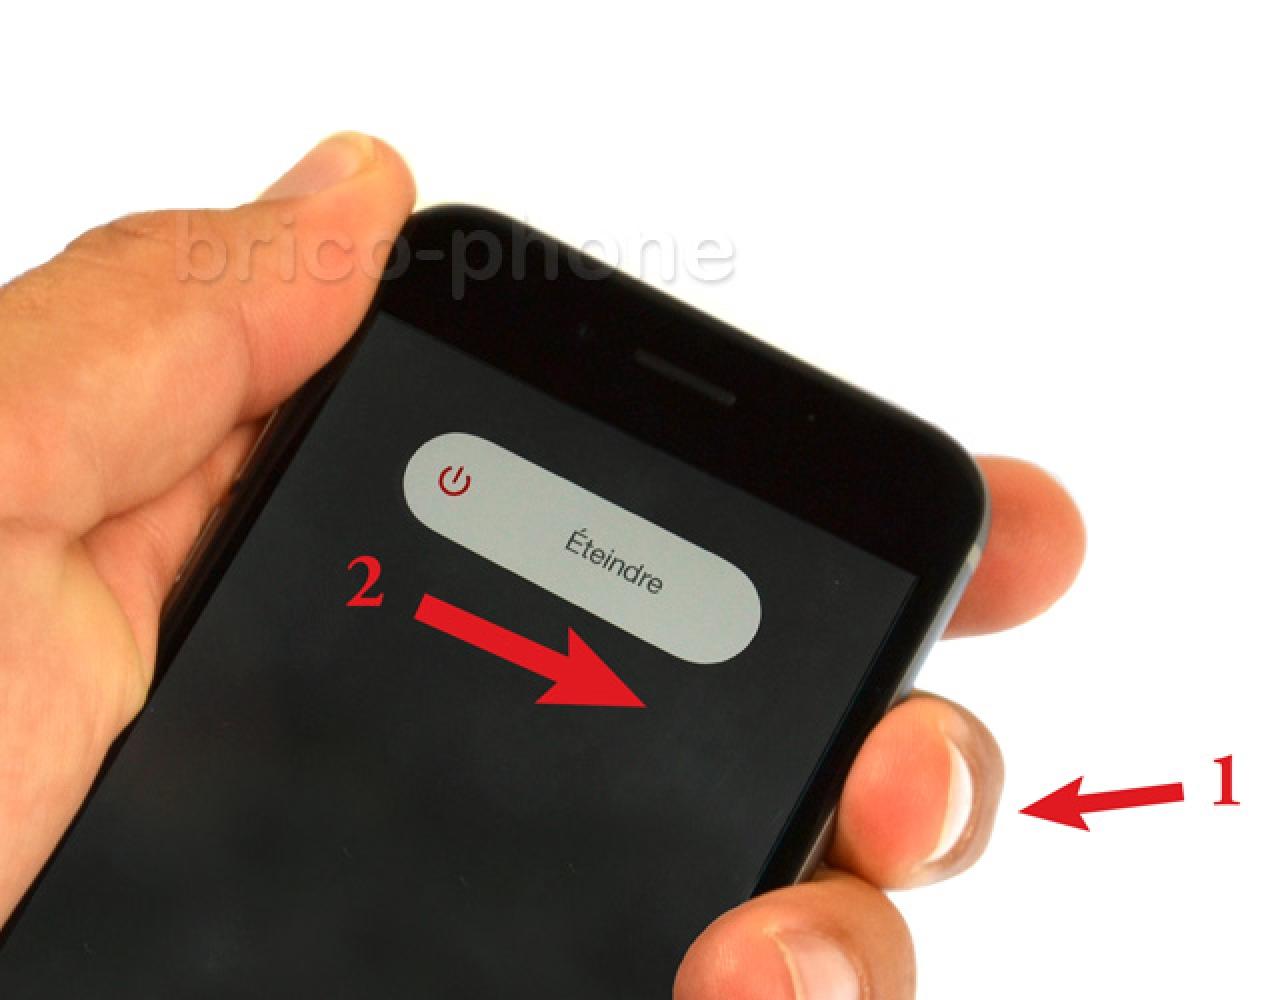 Etape 1 : Eteindre l'iPhone